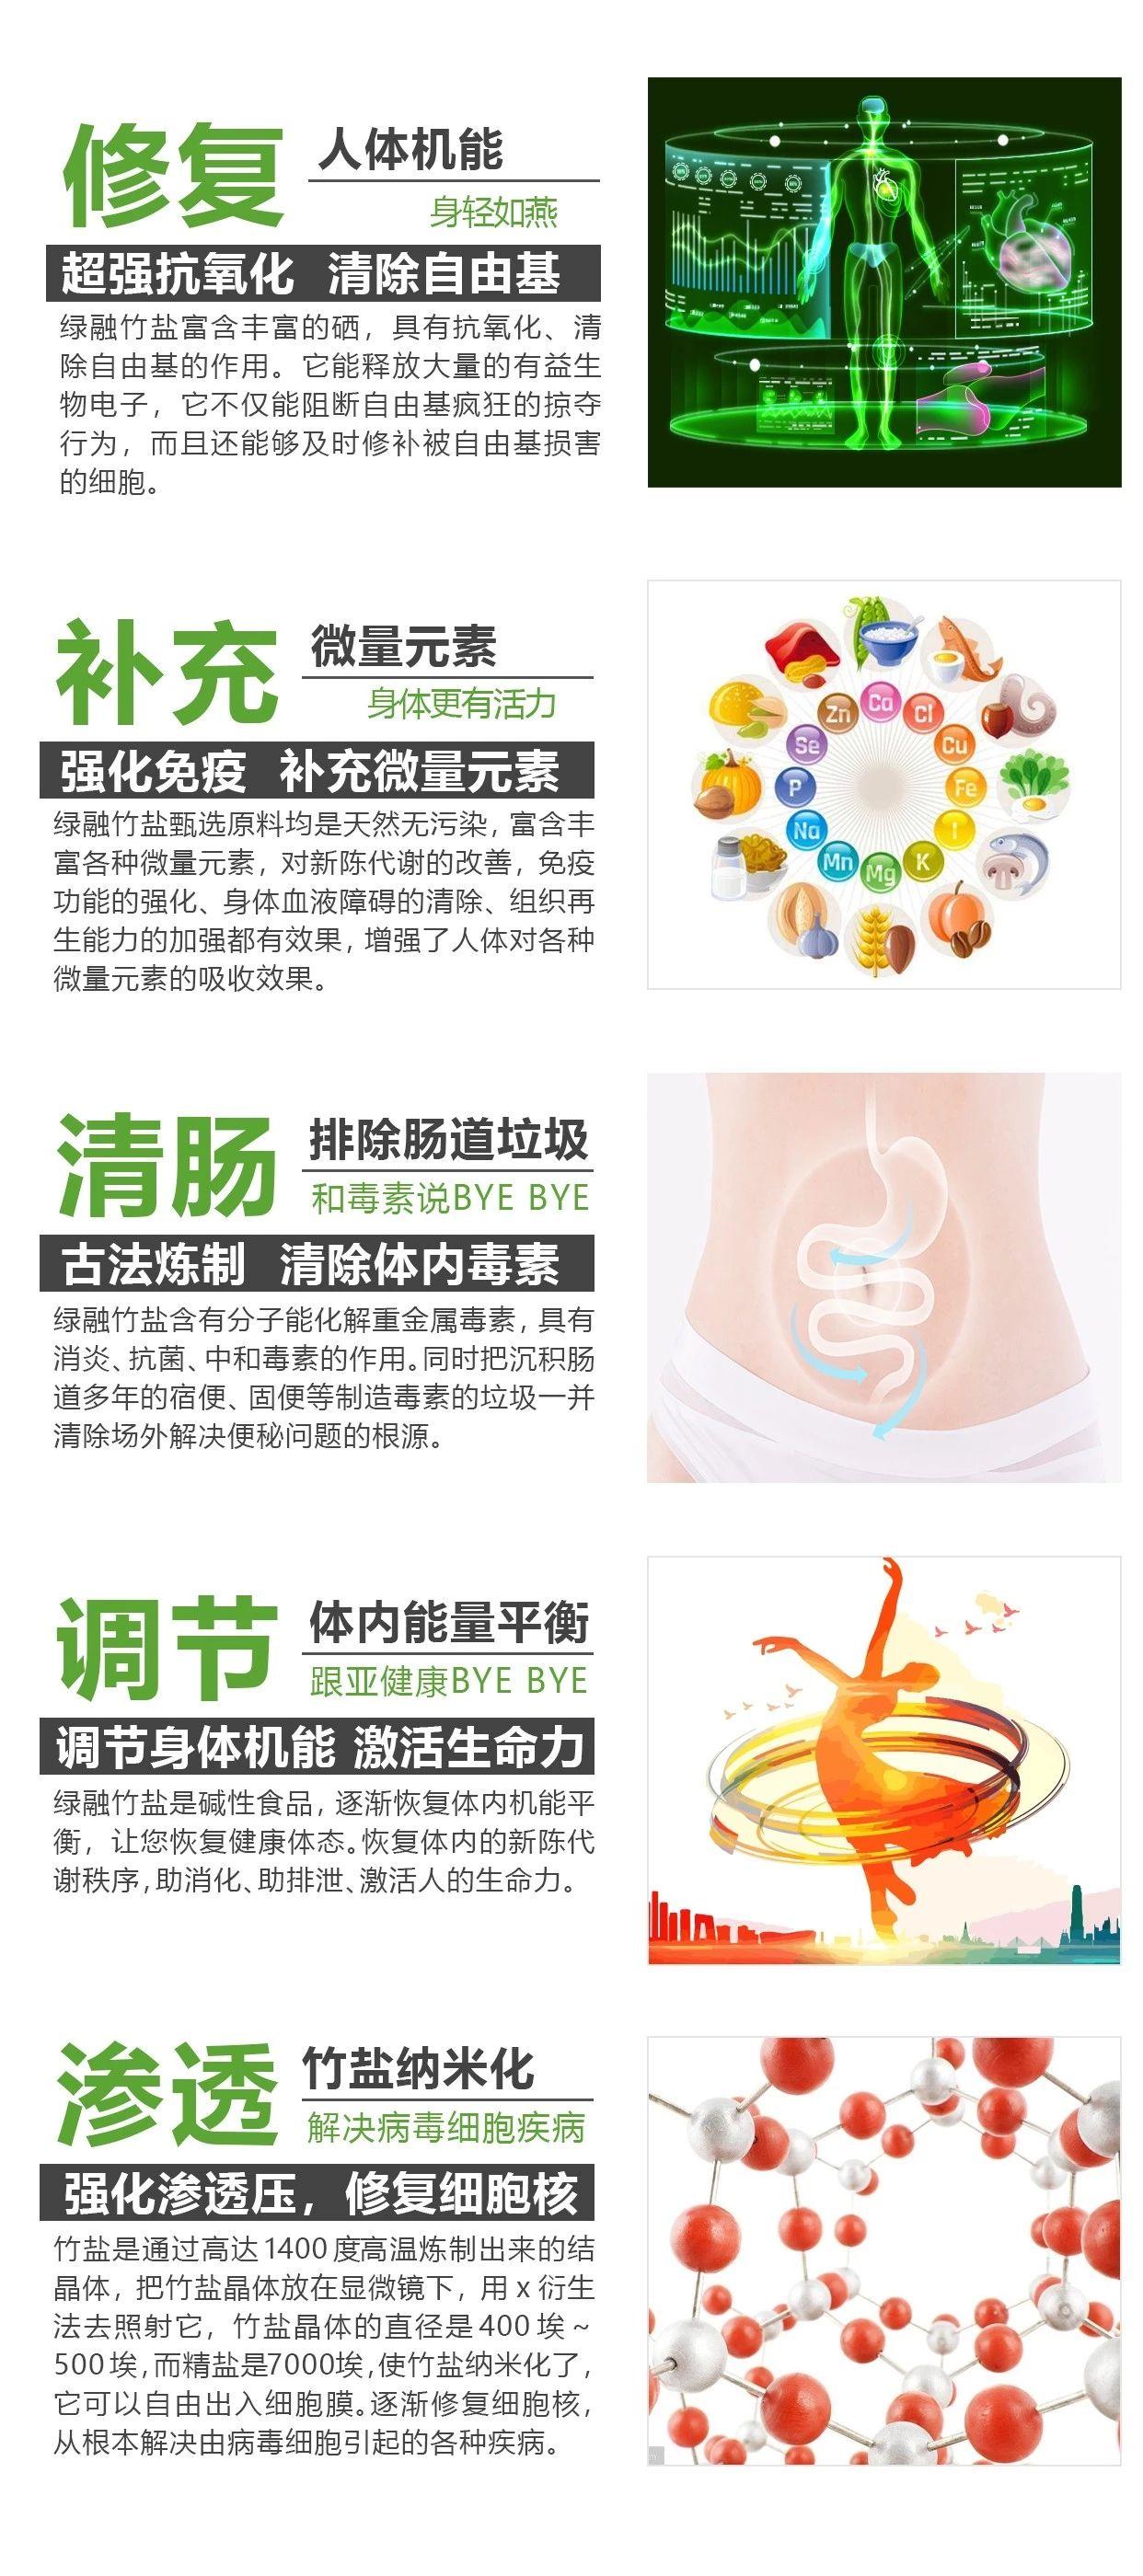 常饮竹盐水,健康自然来